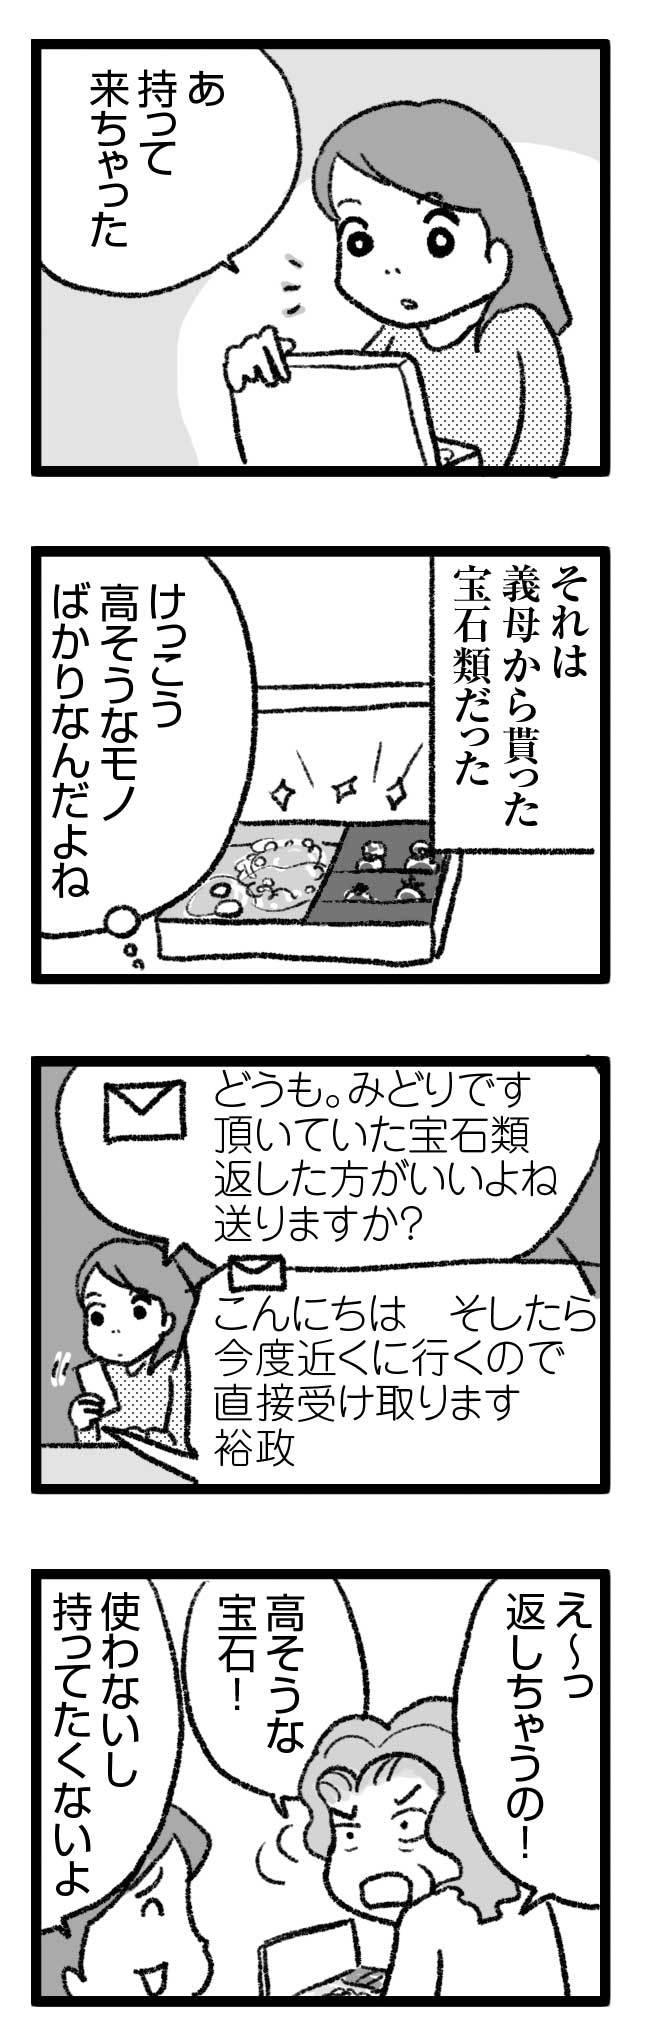 578 義母の宝石 1 結婚 離婚 別居 別居中 義母 プレゼント 贈 後 貰う 返す 漫画 まんが マンガ